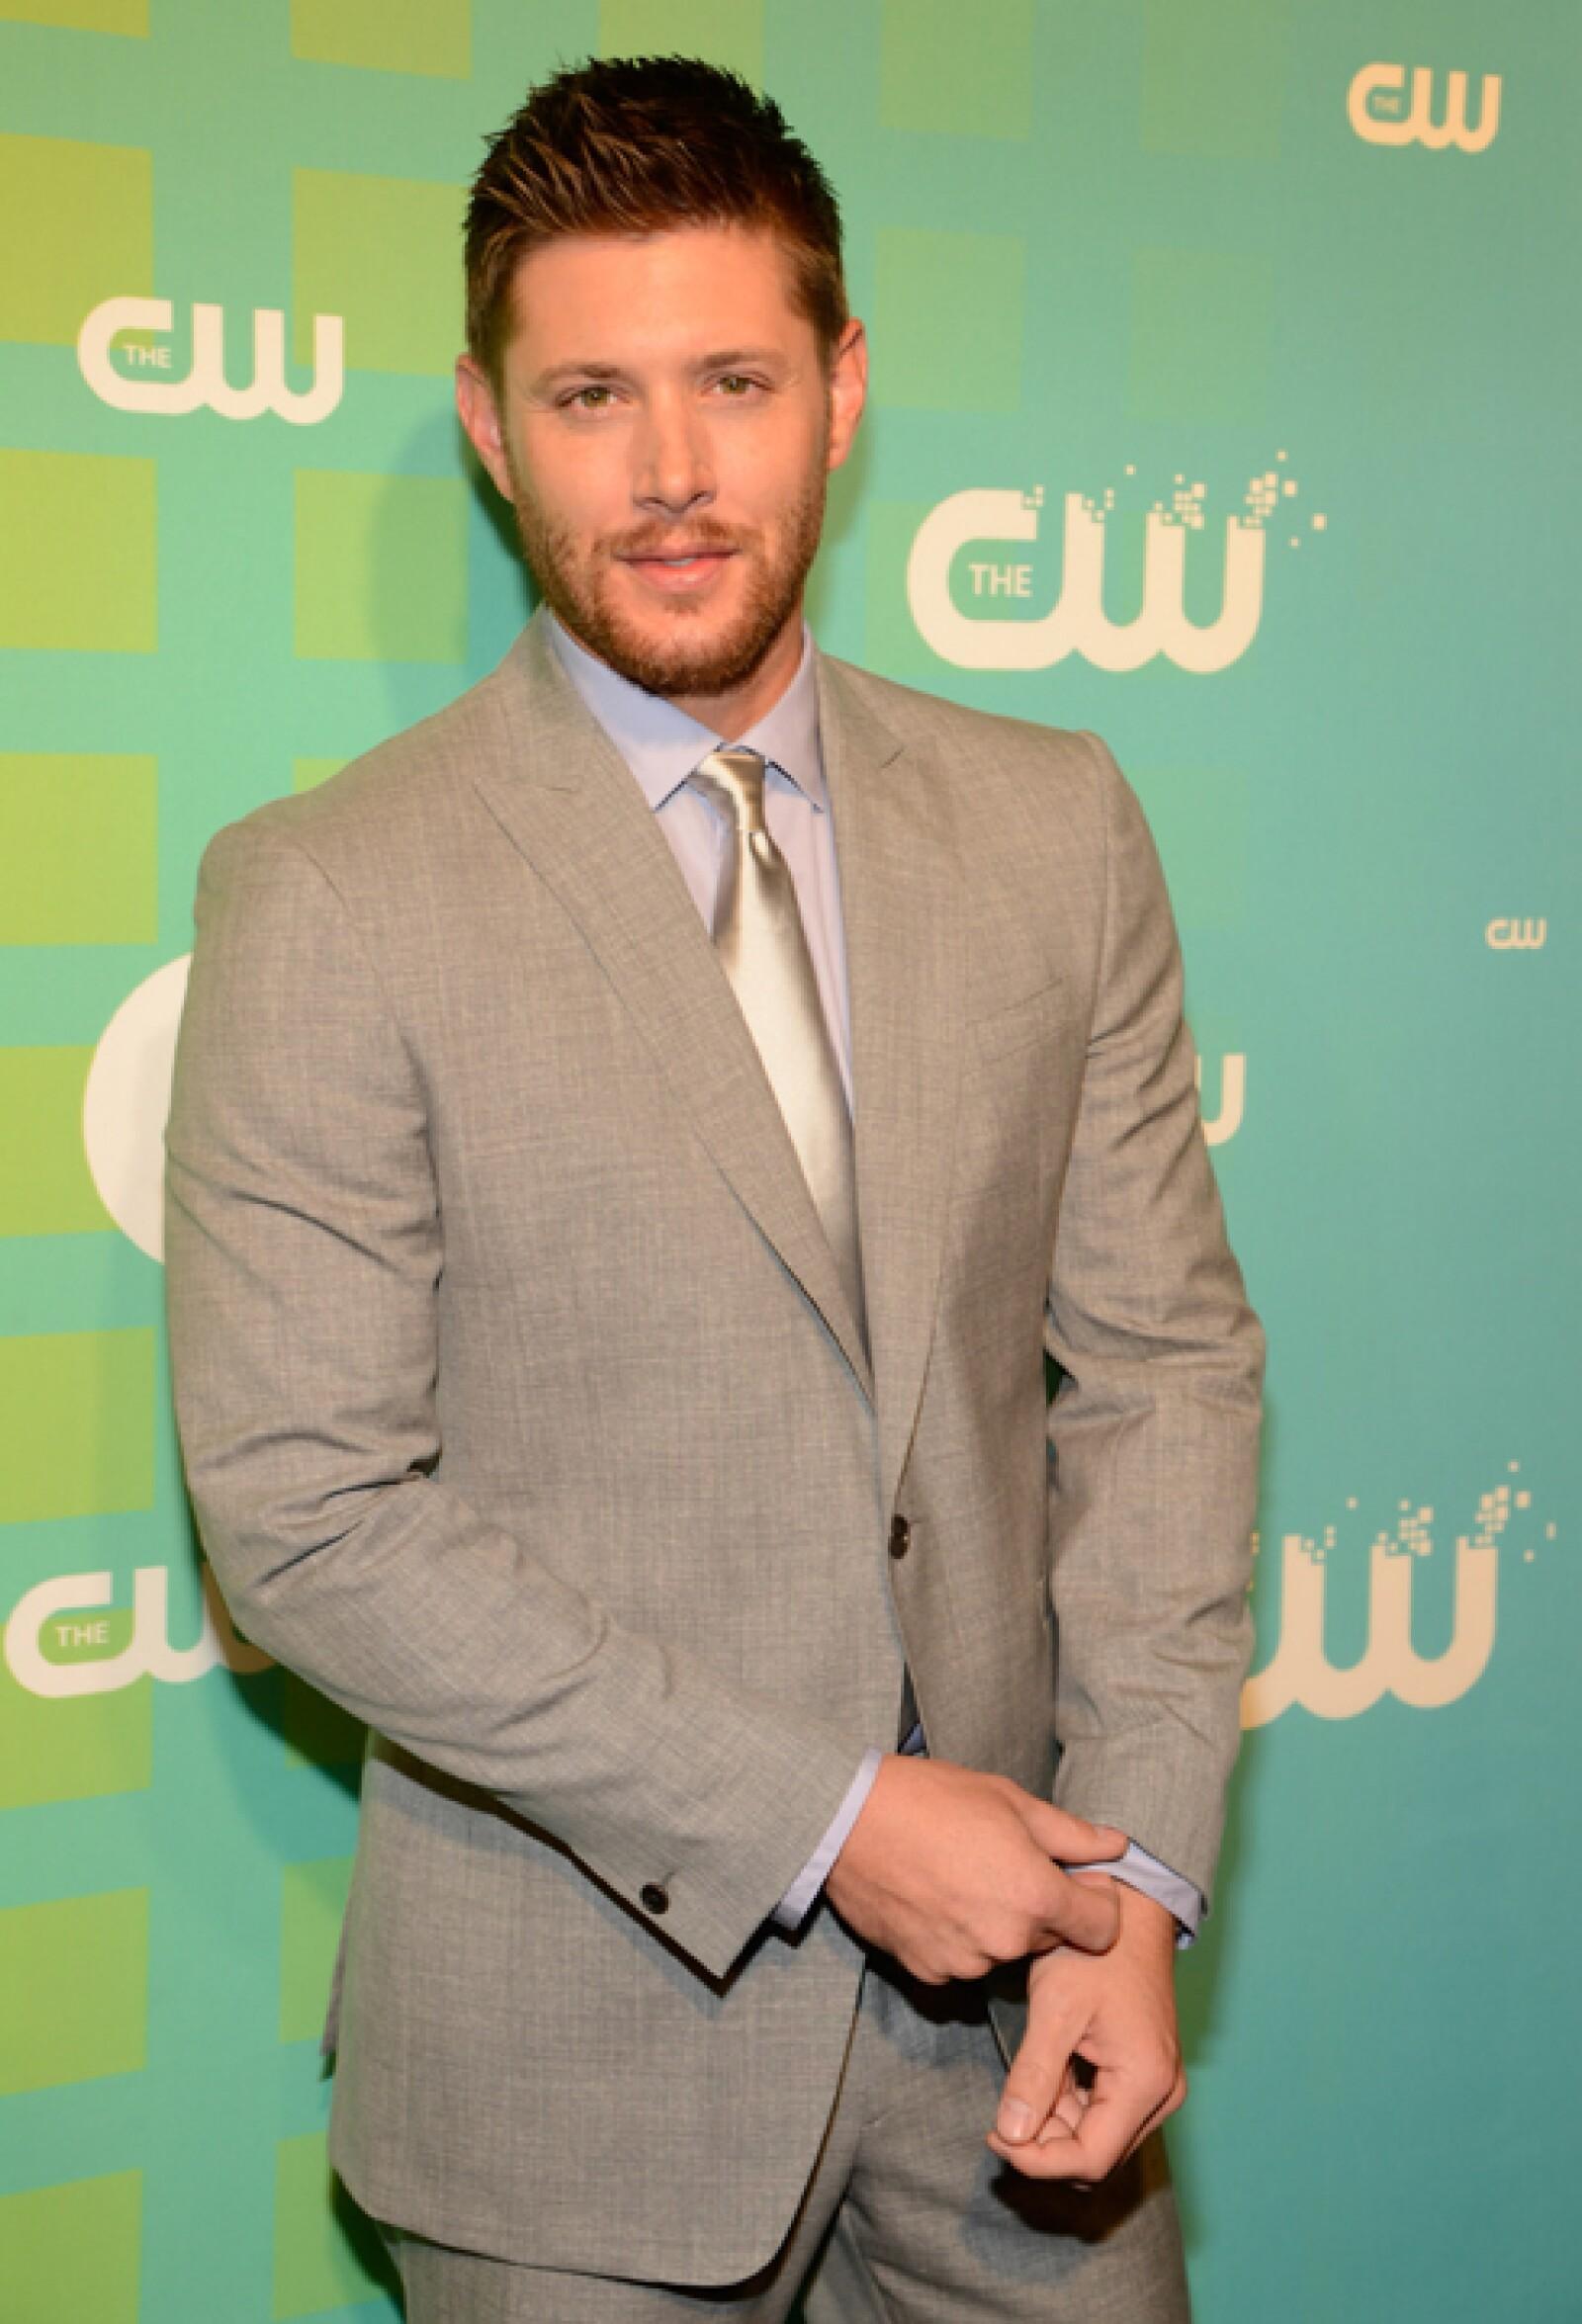 14. Jensen Ackles - Supernatural